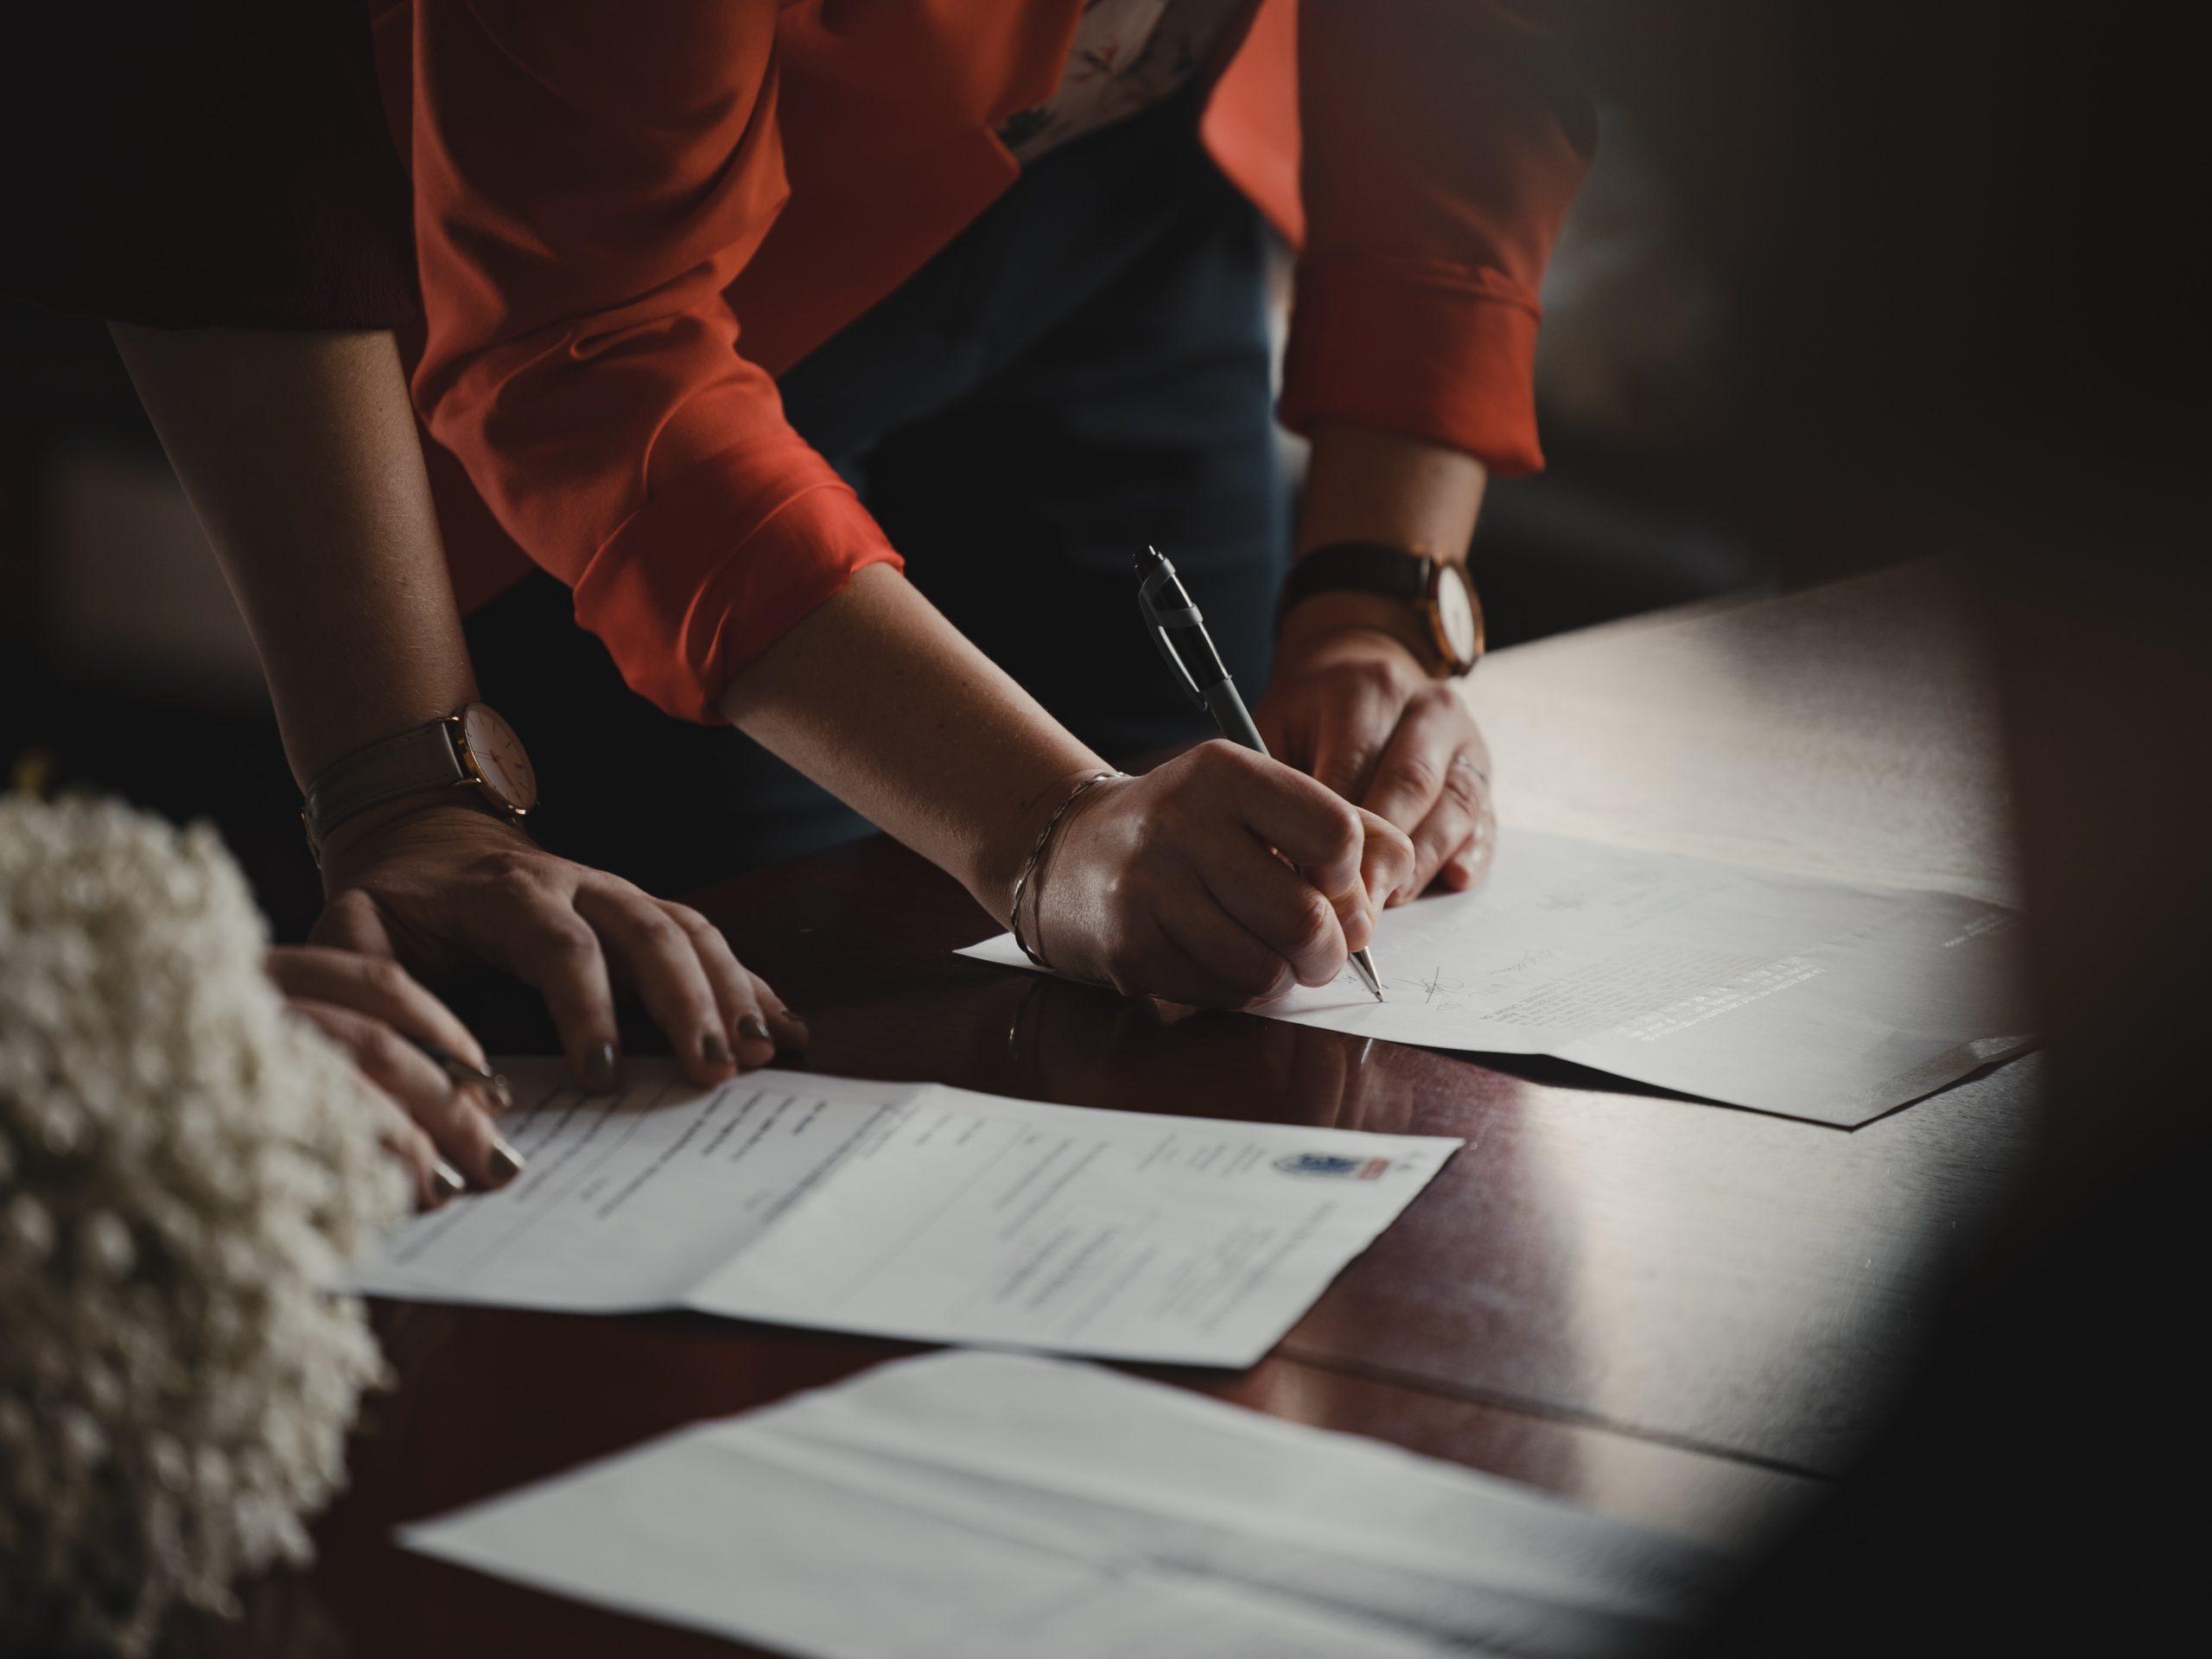 Afkoop partneralimentatie | Scheiden met Aandacht